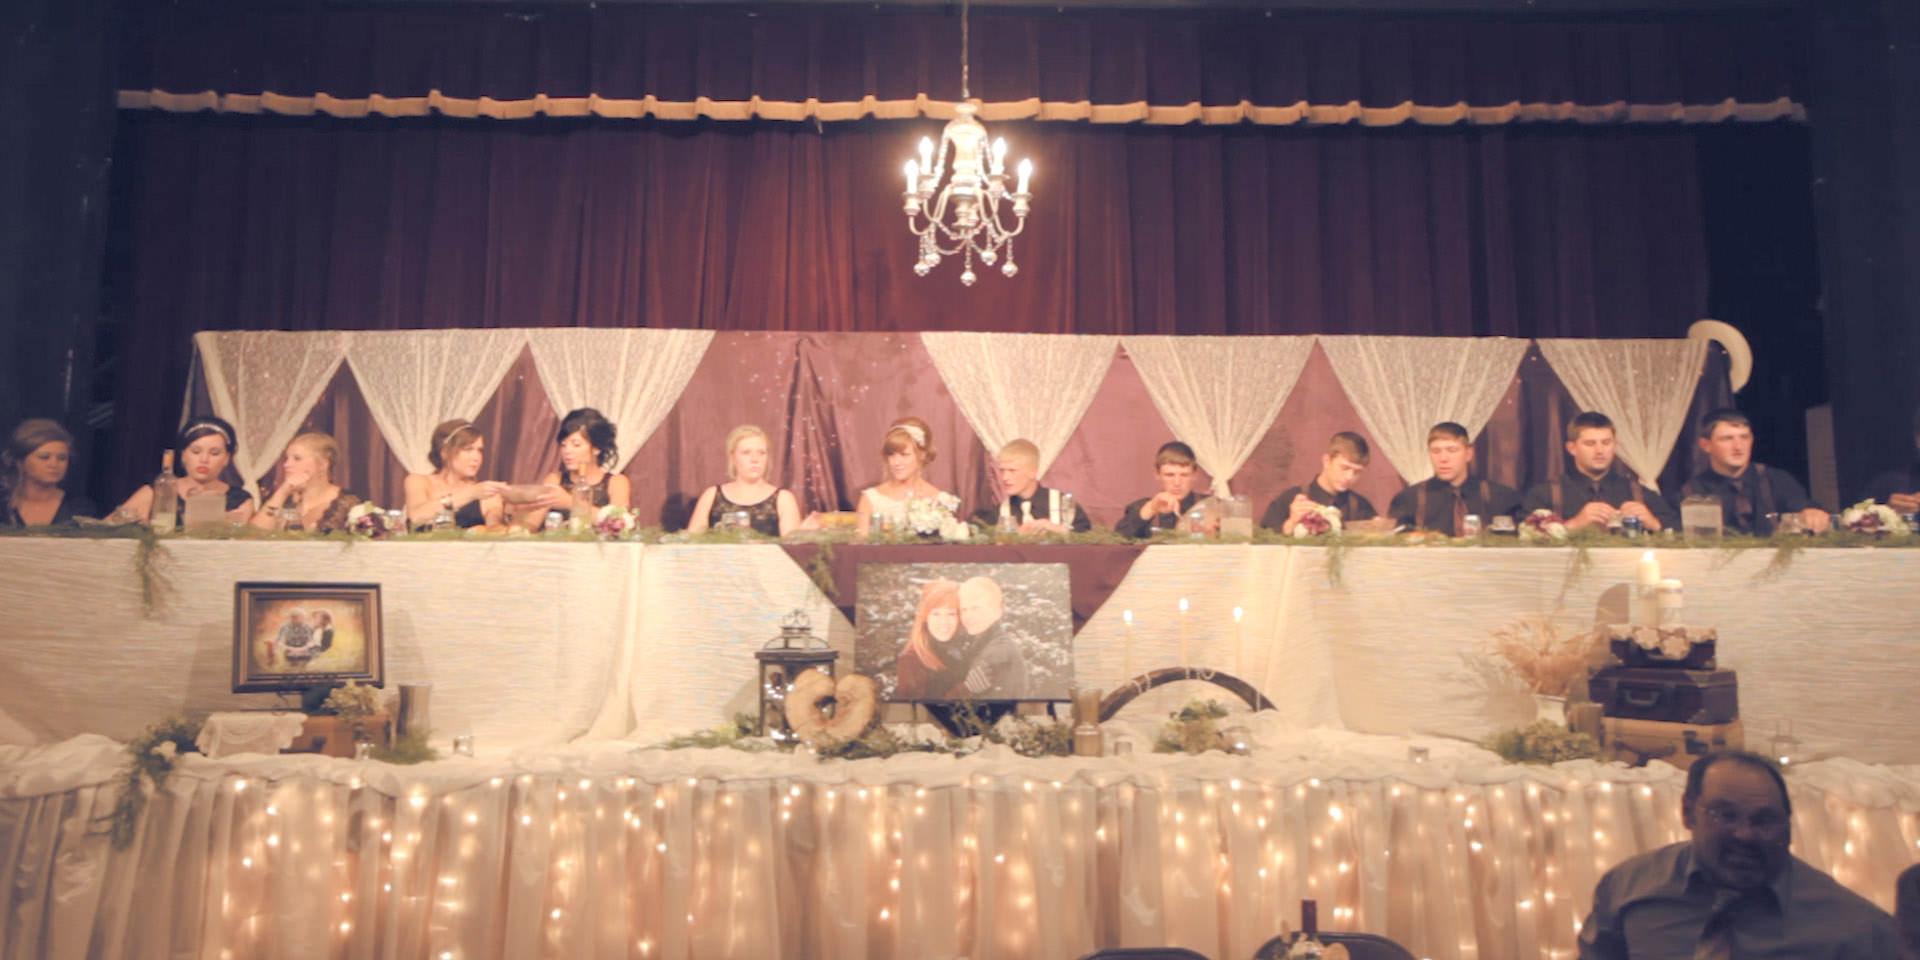 travis&katie wedding story.00_07_57_21.Still011.jpg